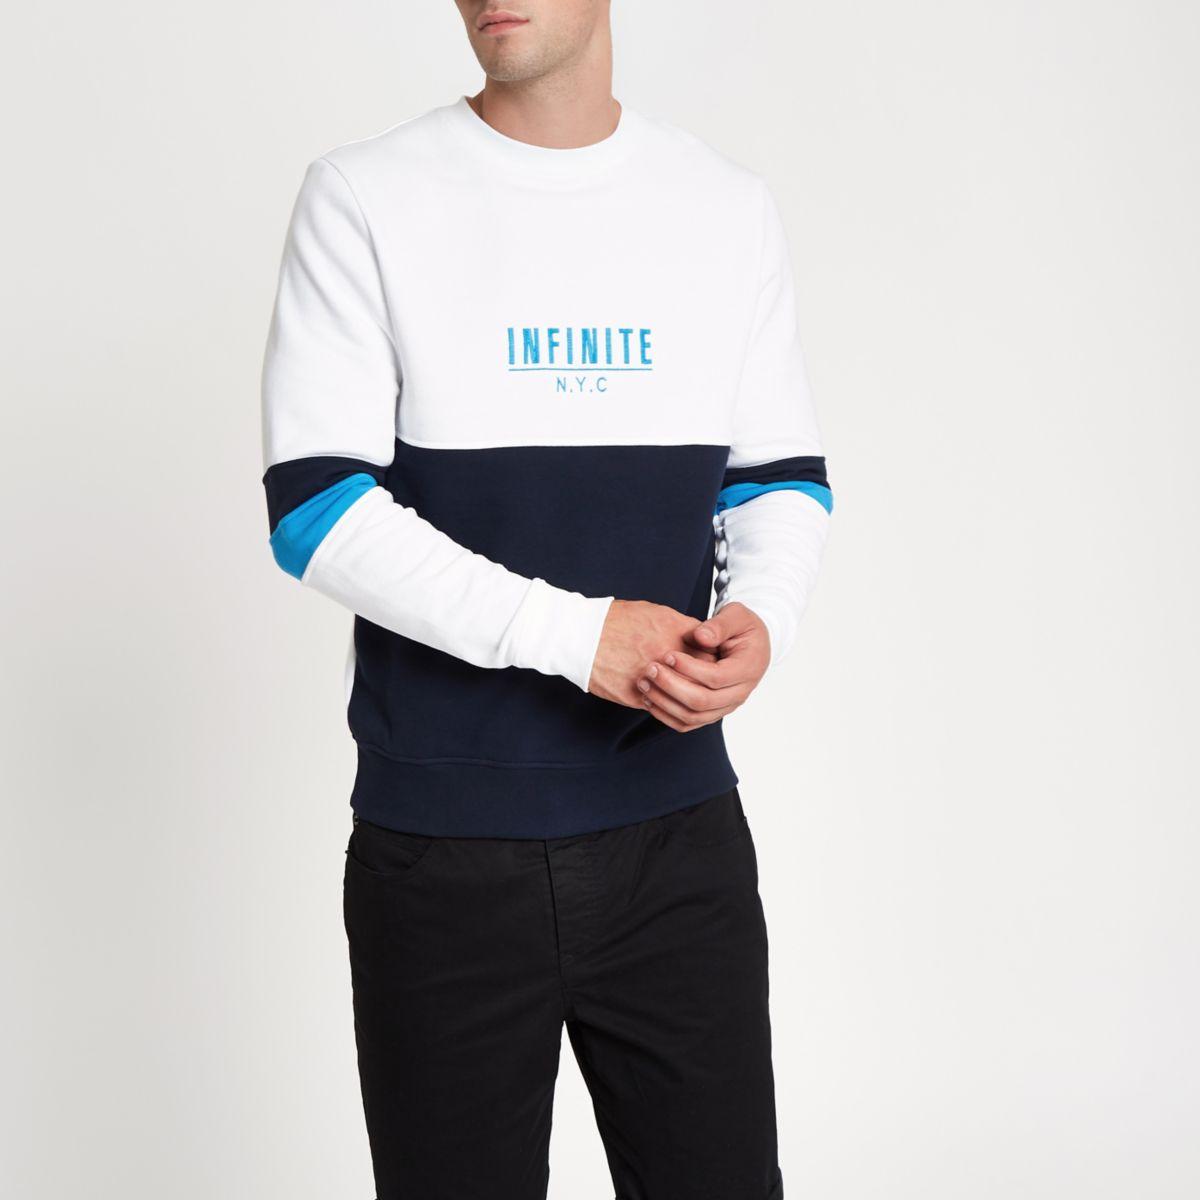 White 'N.Y.C' block print sweatshirt